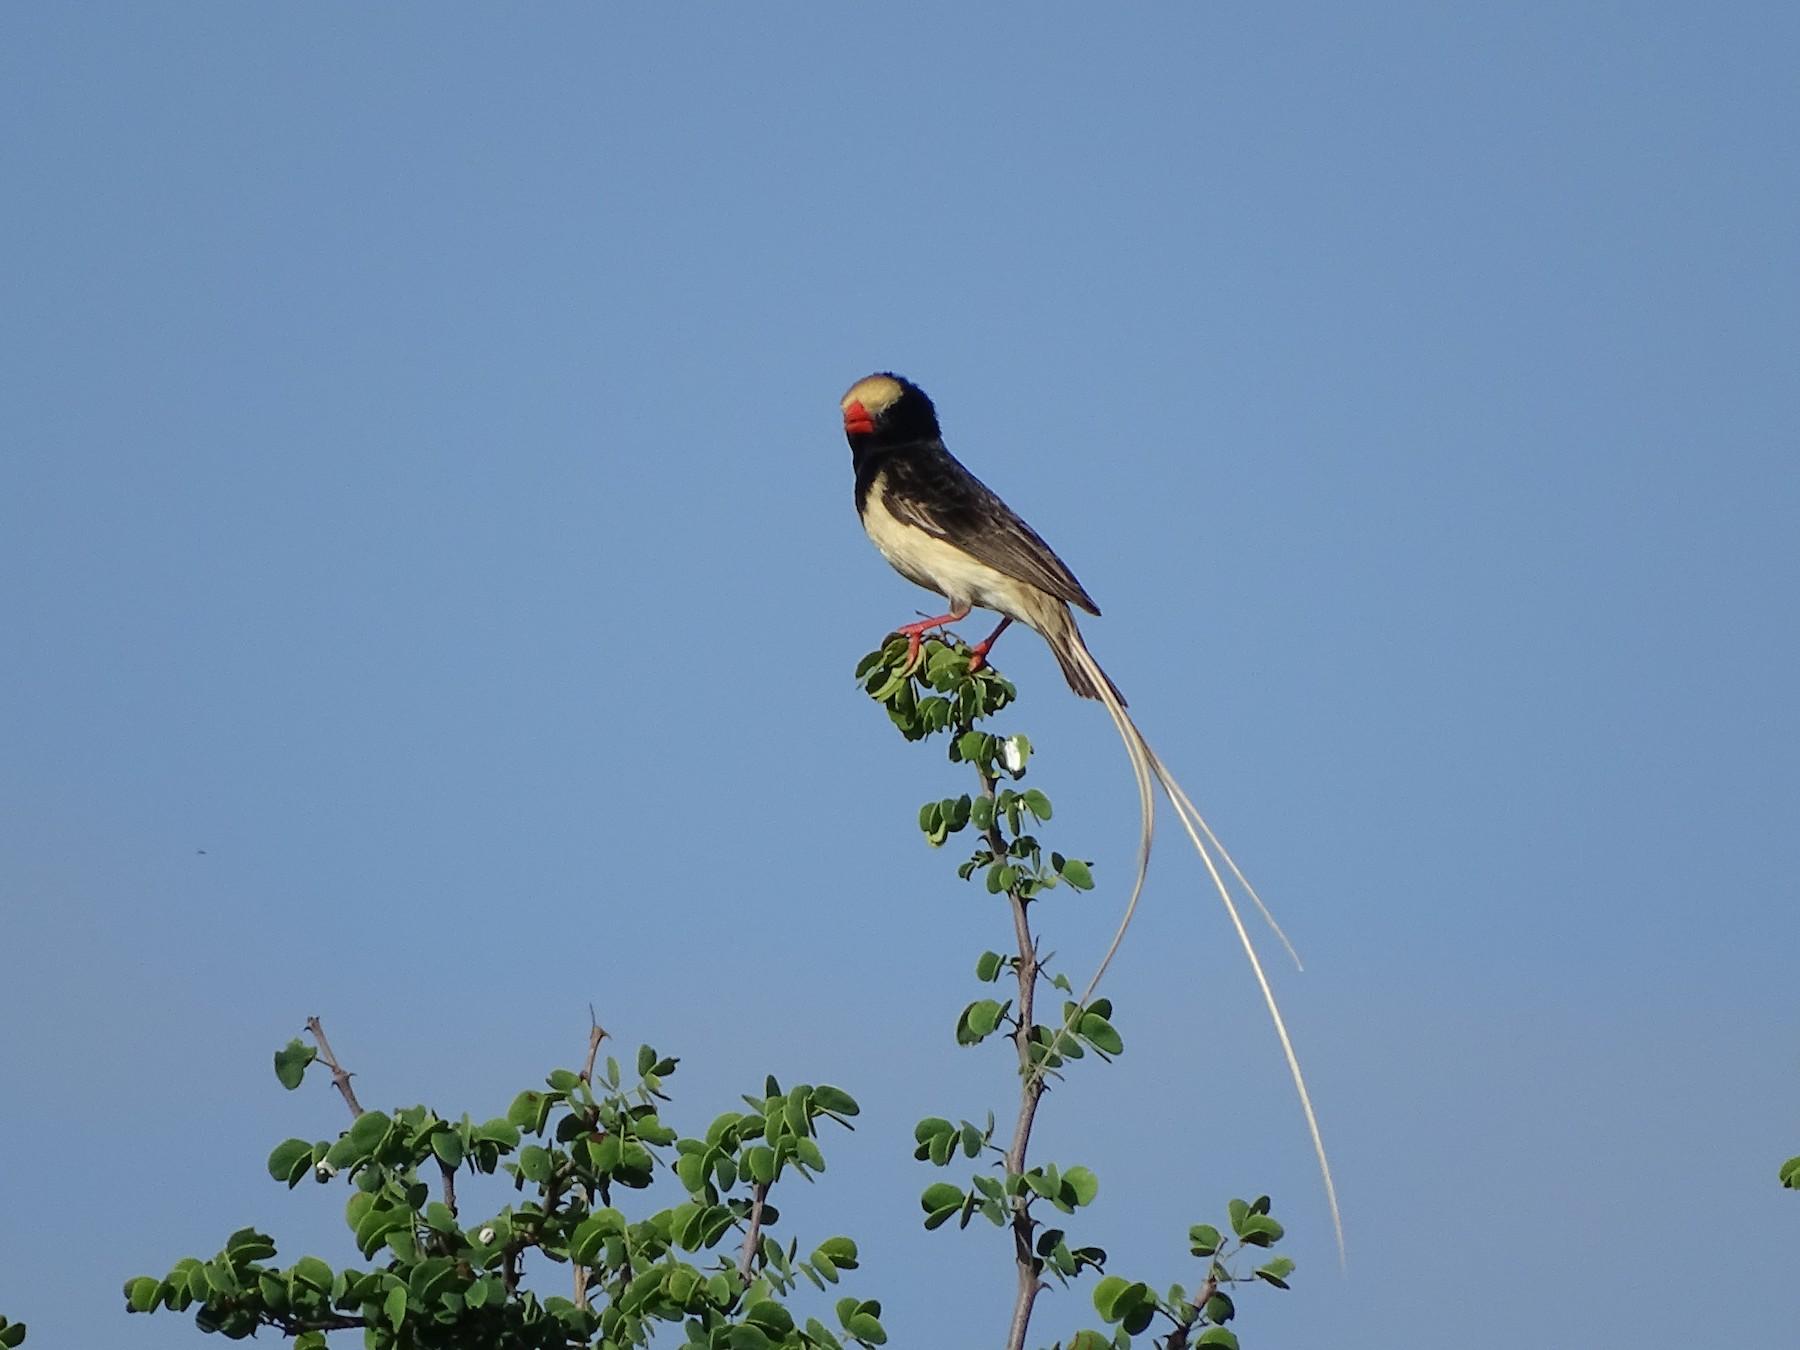 Straw-tailed Whydah - Doris  Schaule